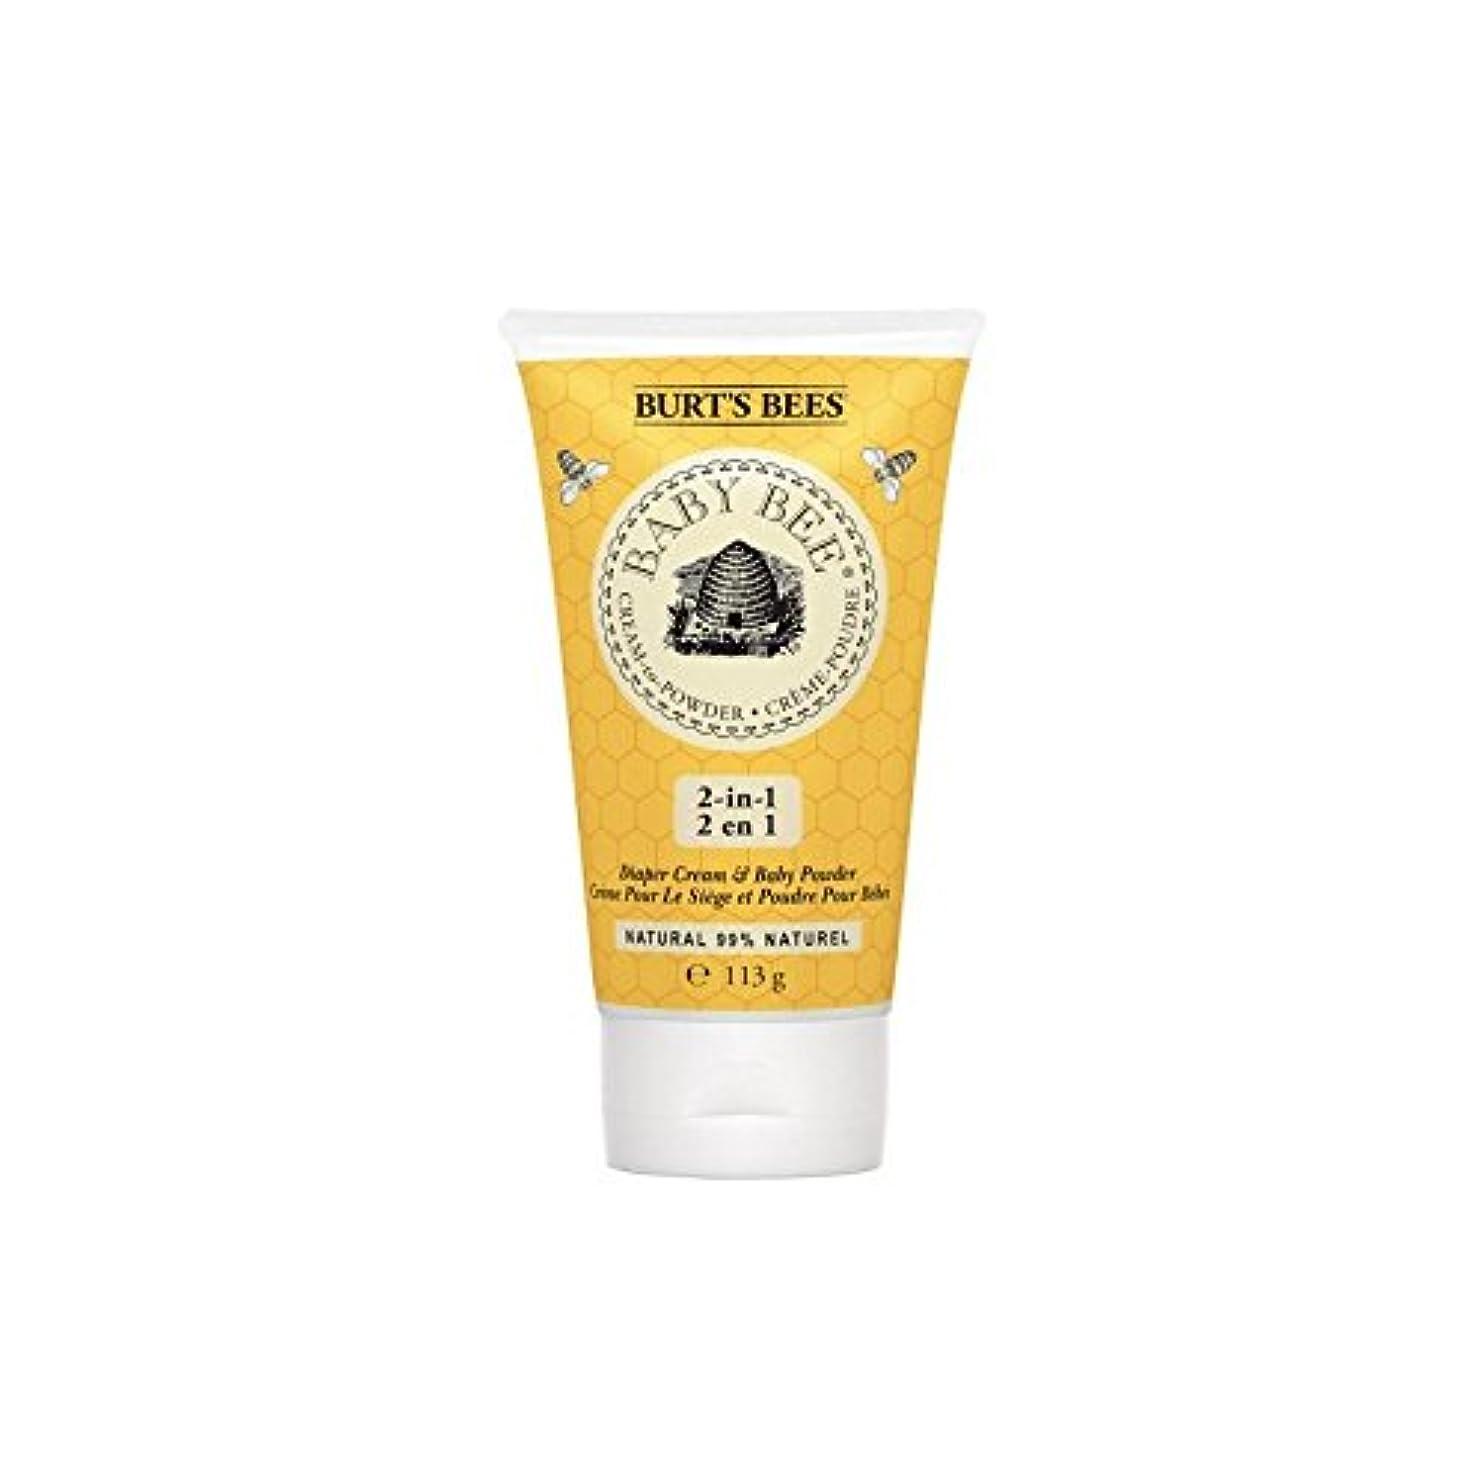 関与するドナウ川最も粉末にバーツビークリーム x4 - Burt's Bees Cream to Powder (Pack of 4) [並行輸入品]